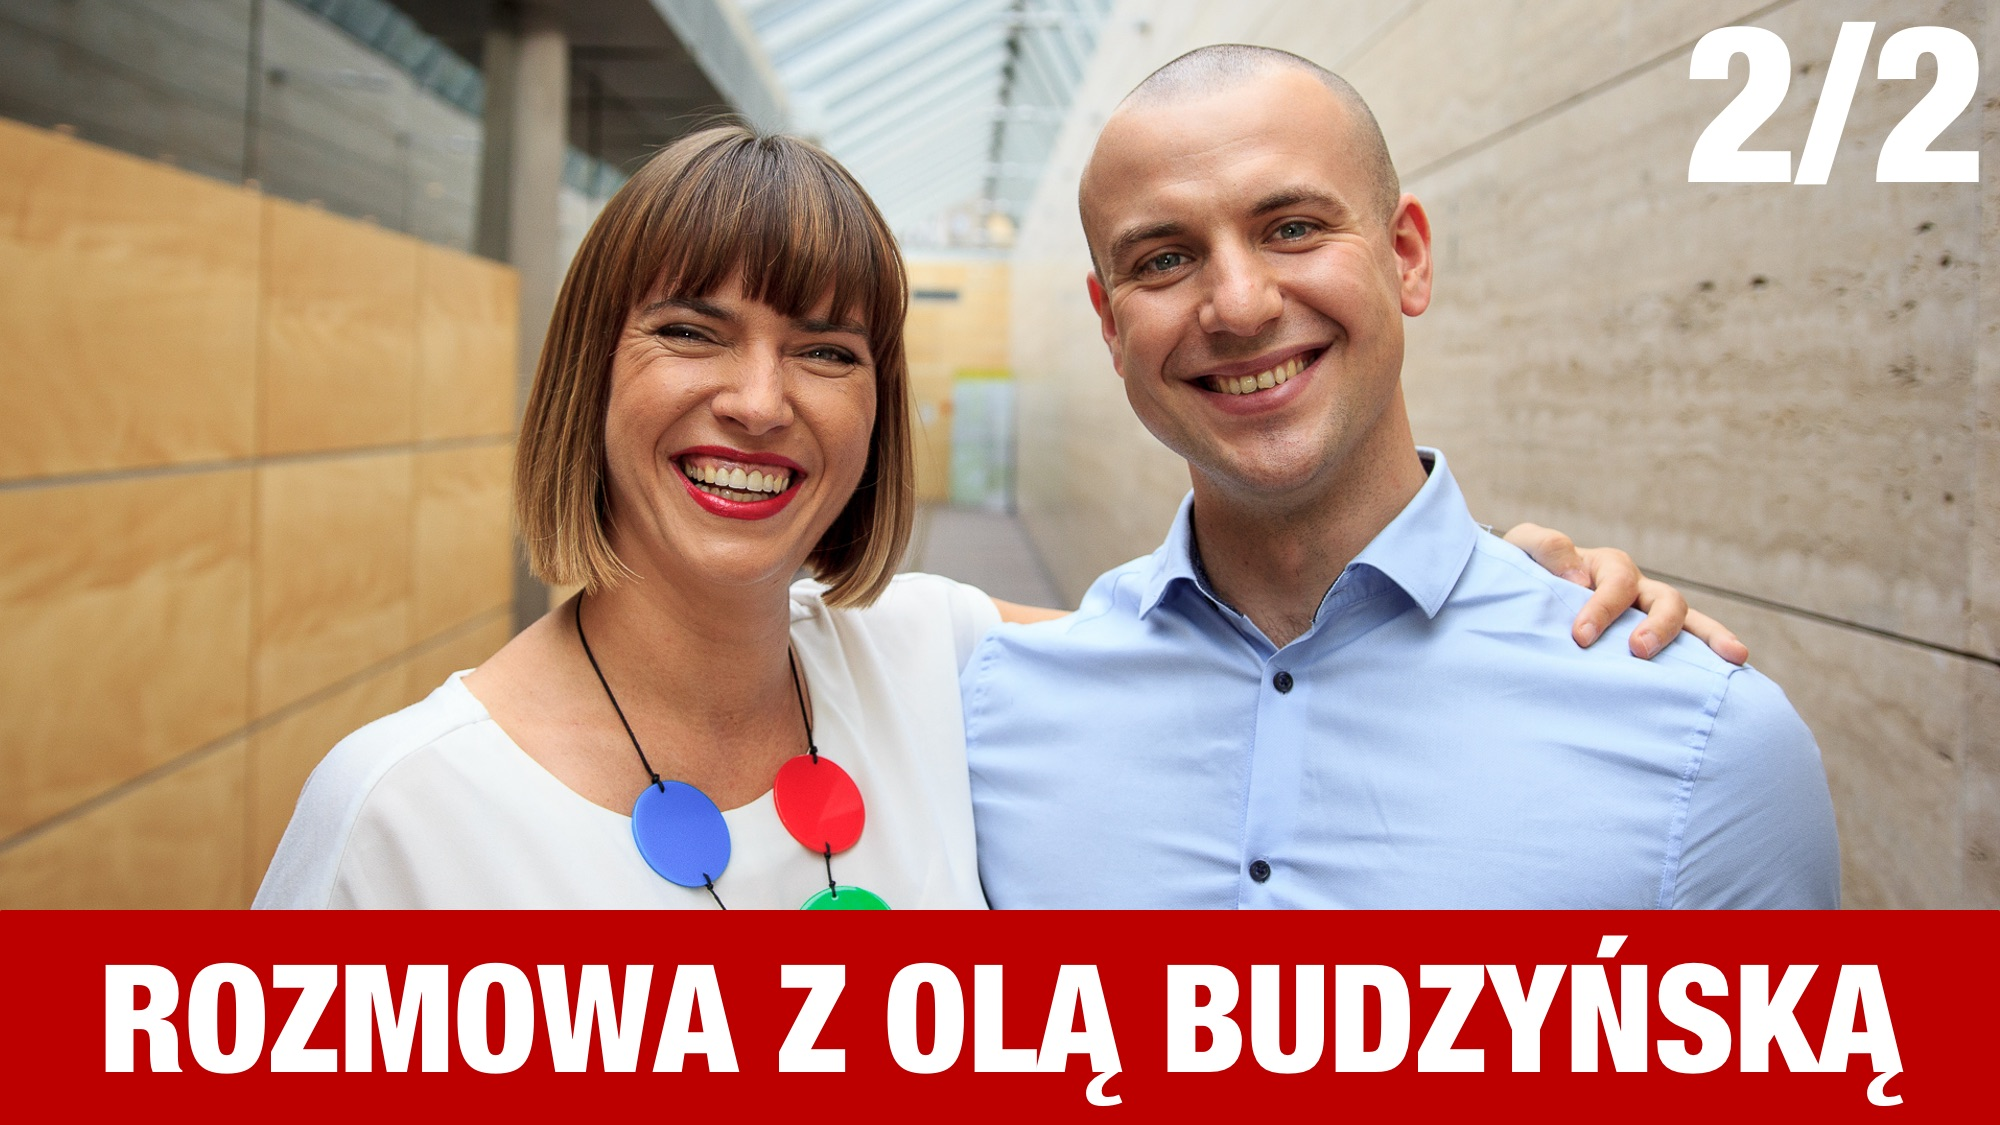 Wywiad z Panią Swojego Czasu cz. 2